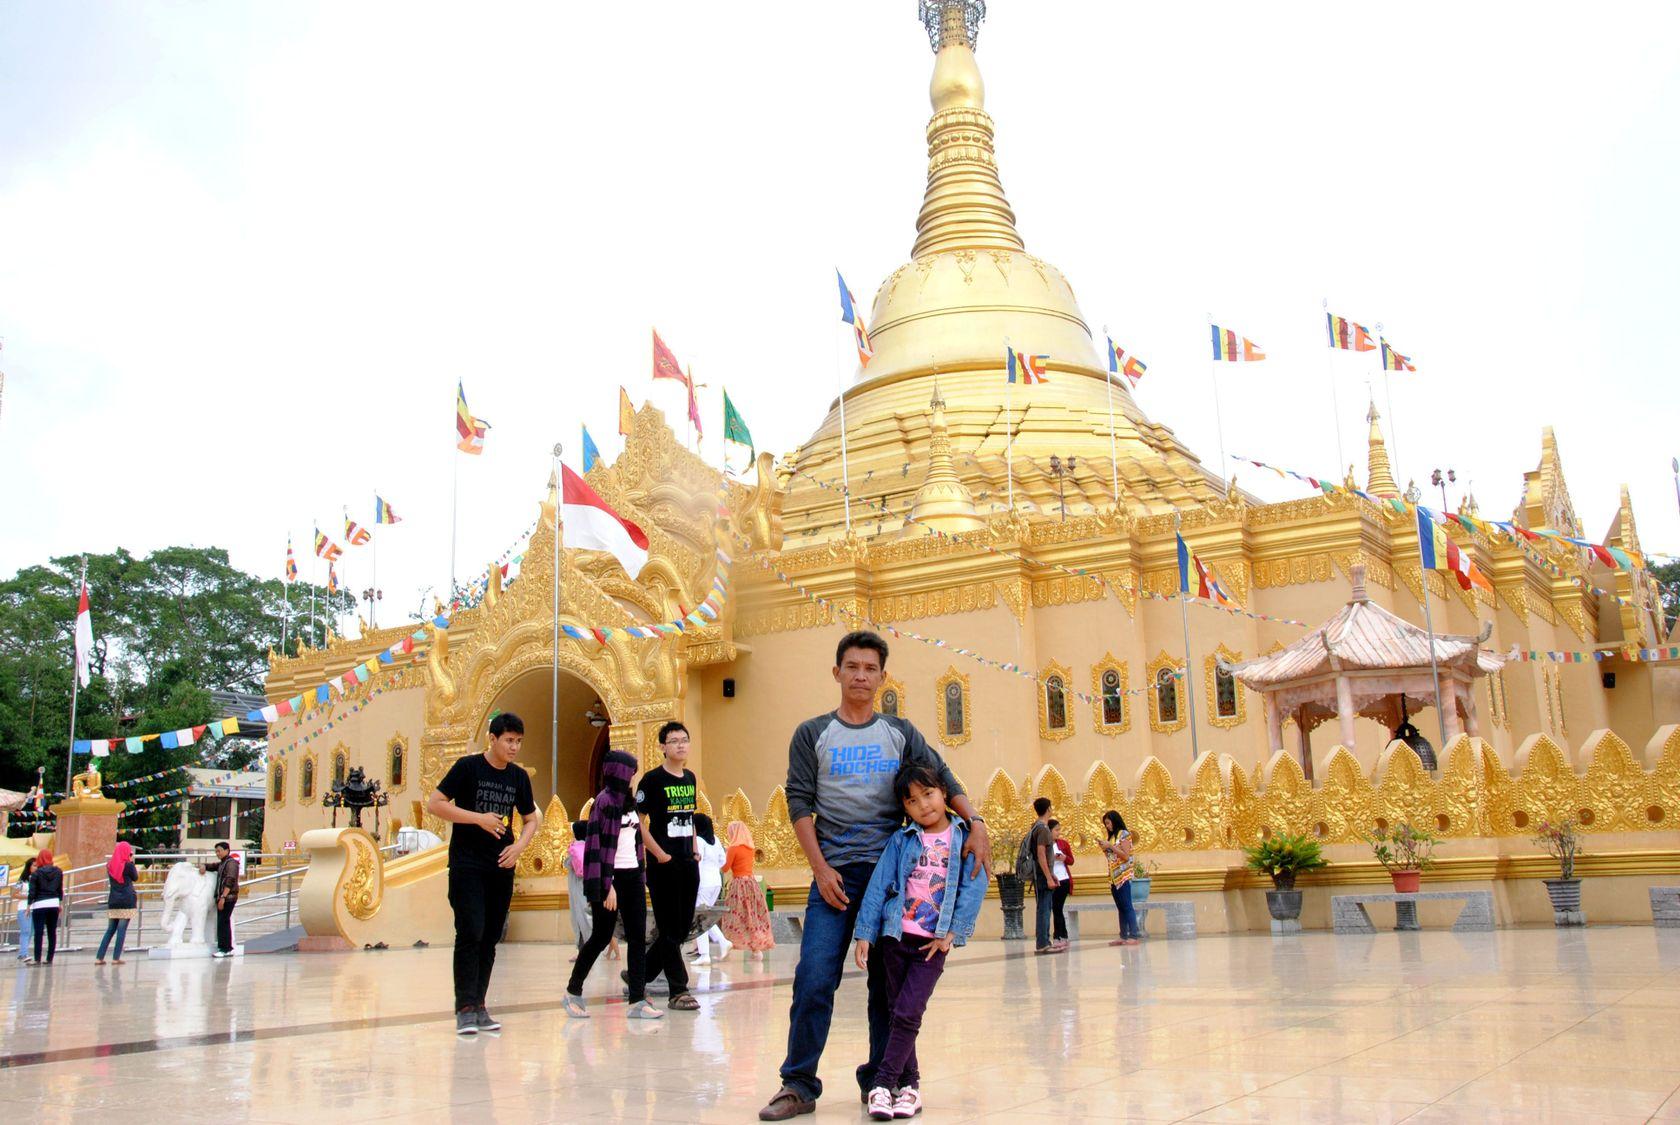 Wisata Pagoda Emas Taman Lumbini Berastagi Medan Indonesia 2 Nah